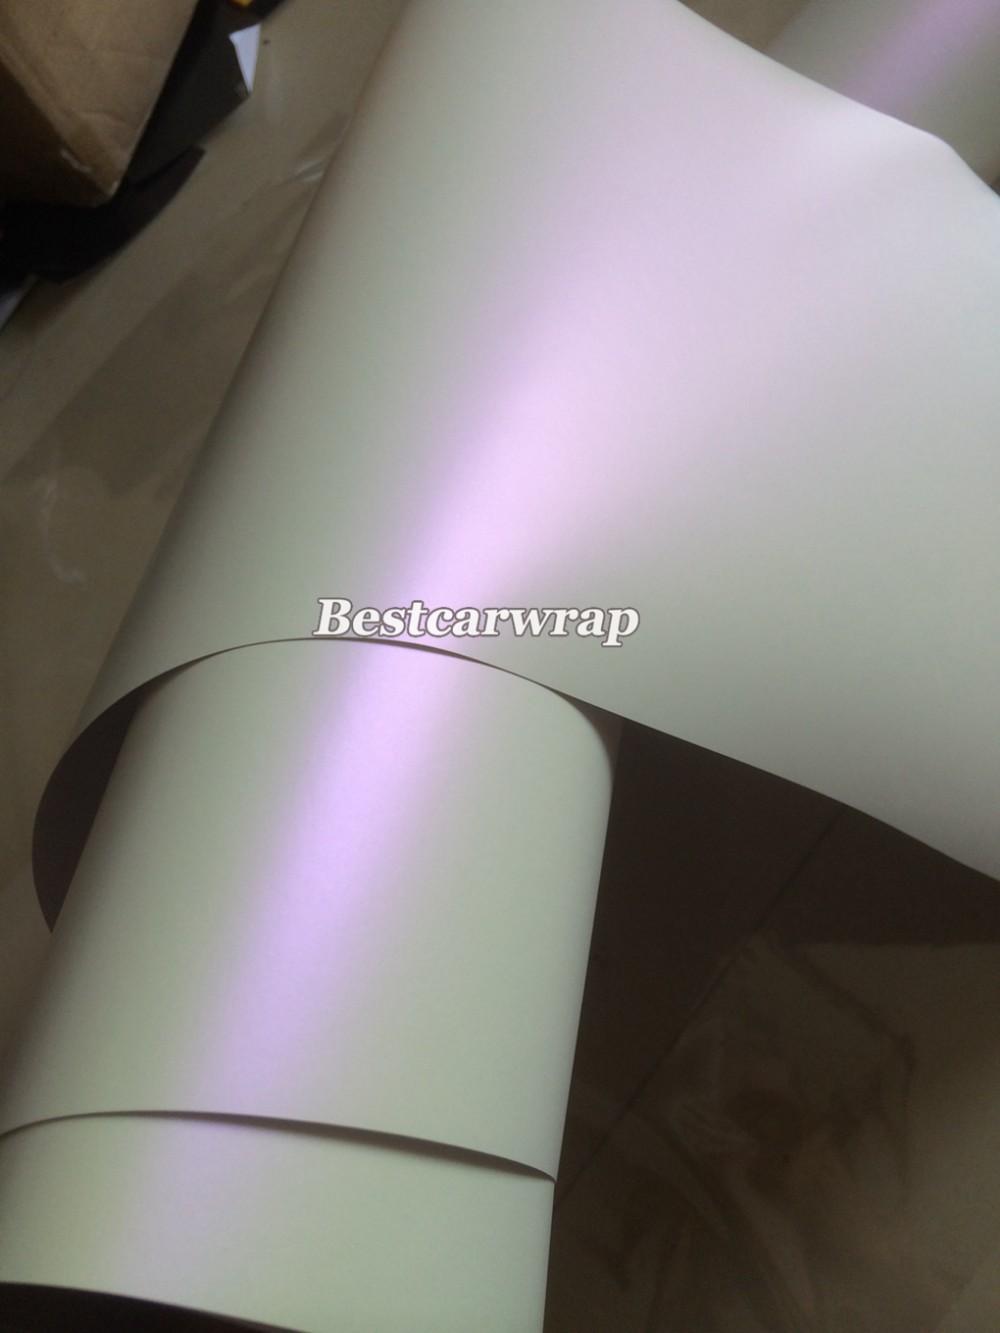 pearl Matt white chameleon white-purple vinyl wrap (2)